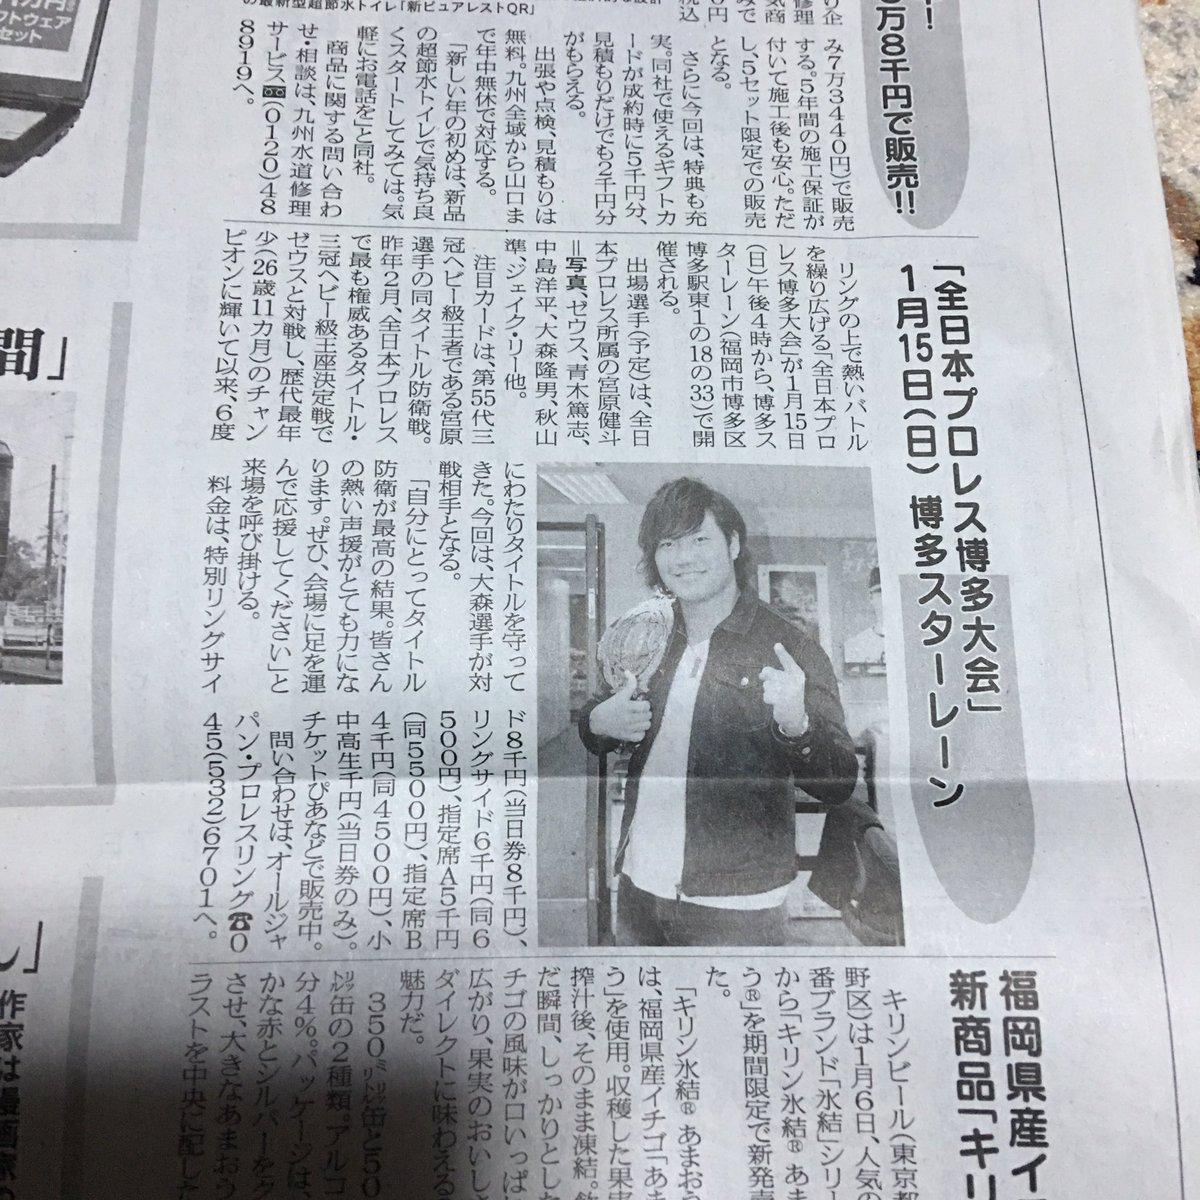 今朝の西日本新聞に! https://t.co/d3KT7epMQM